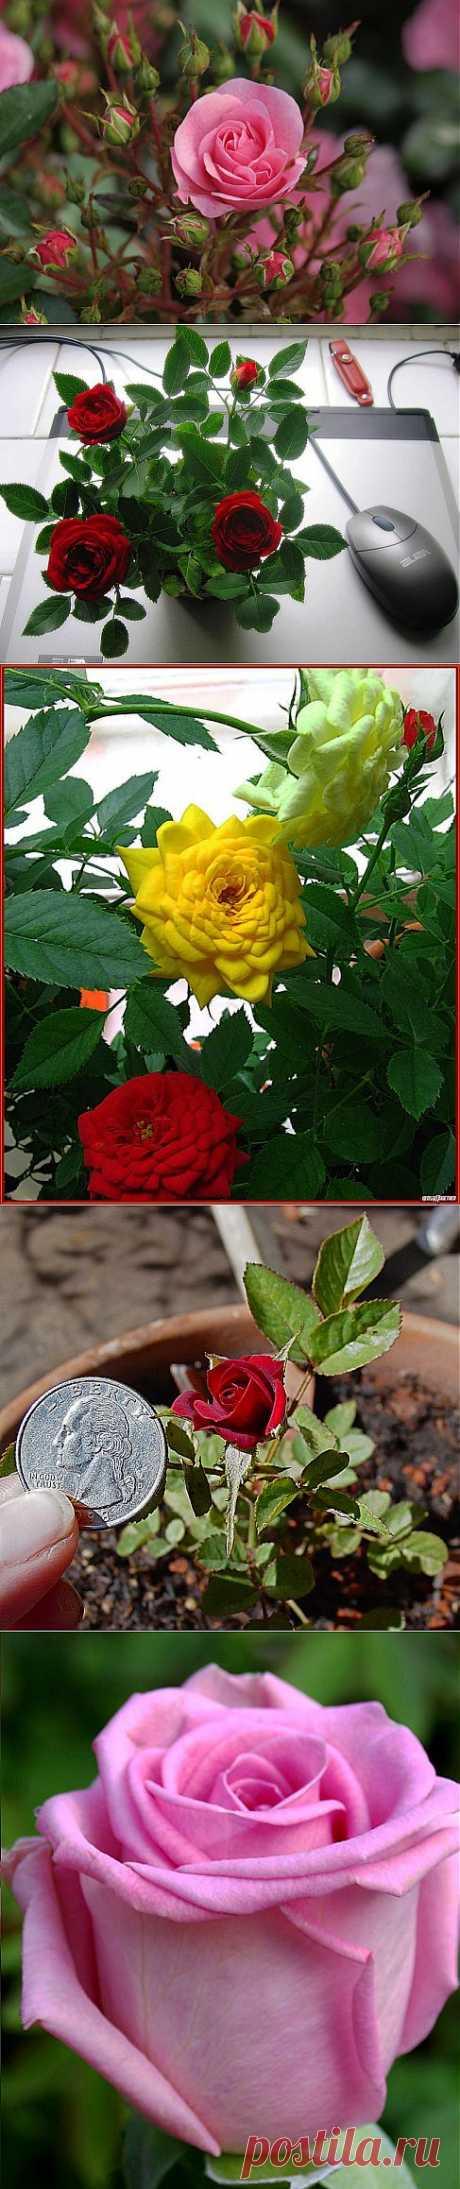 Комнатные розы - сорта | НА ЗАВАЛИНКЕ